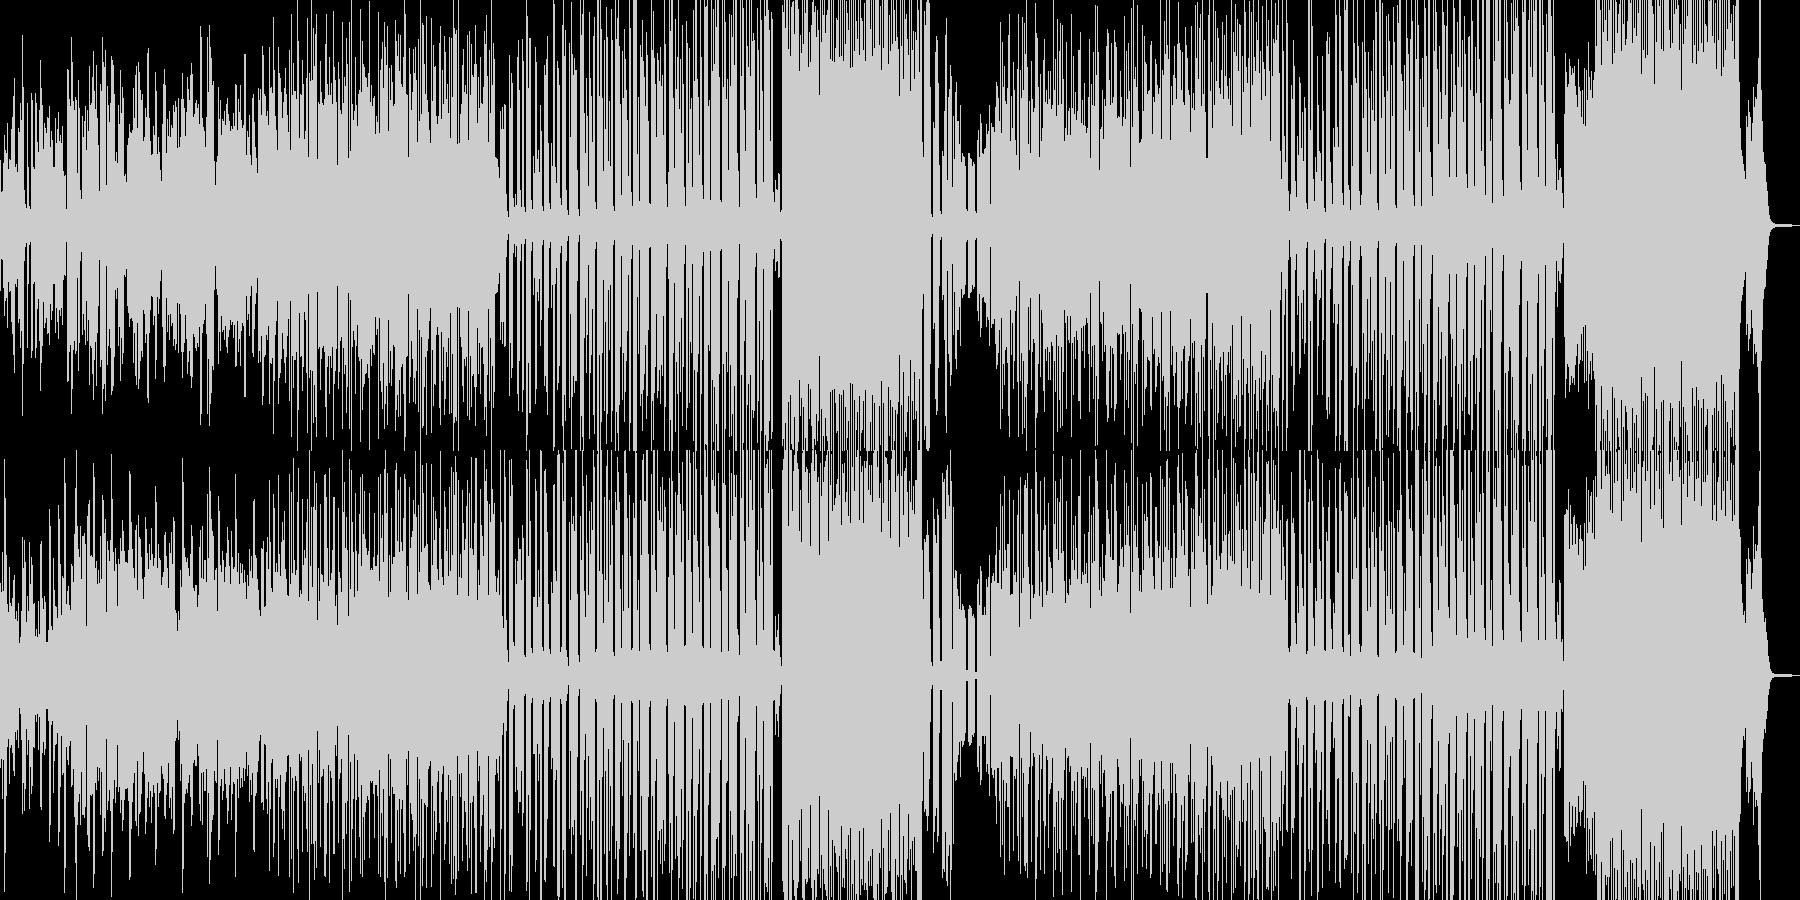 マヌケなオルガンのシンセポップの未再生の波形